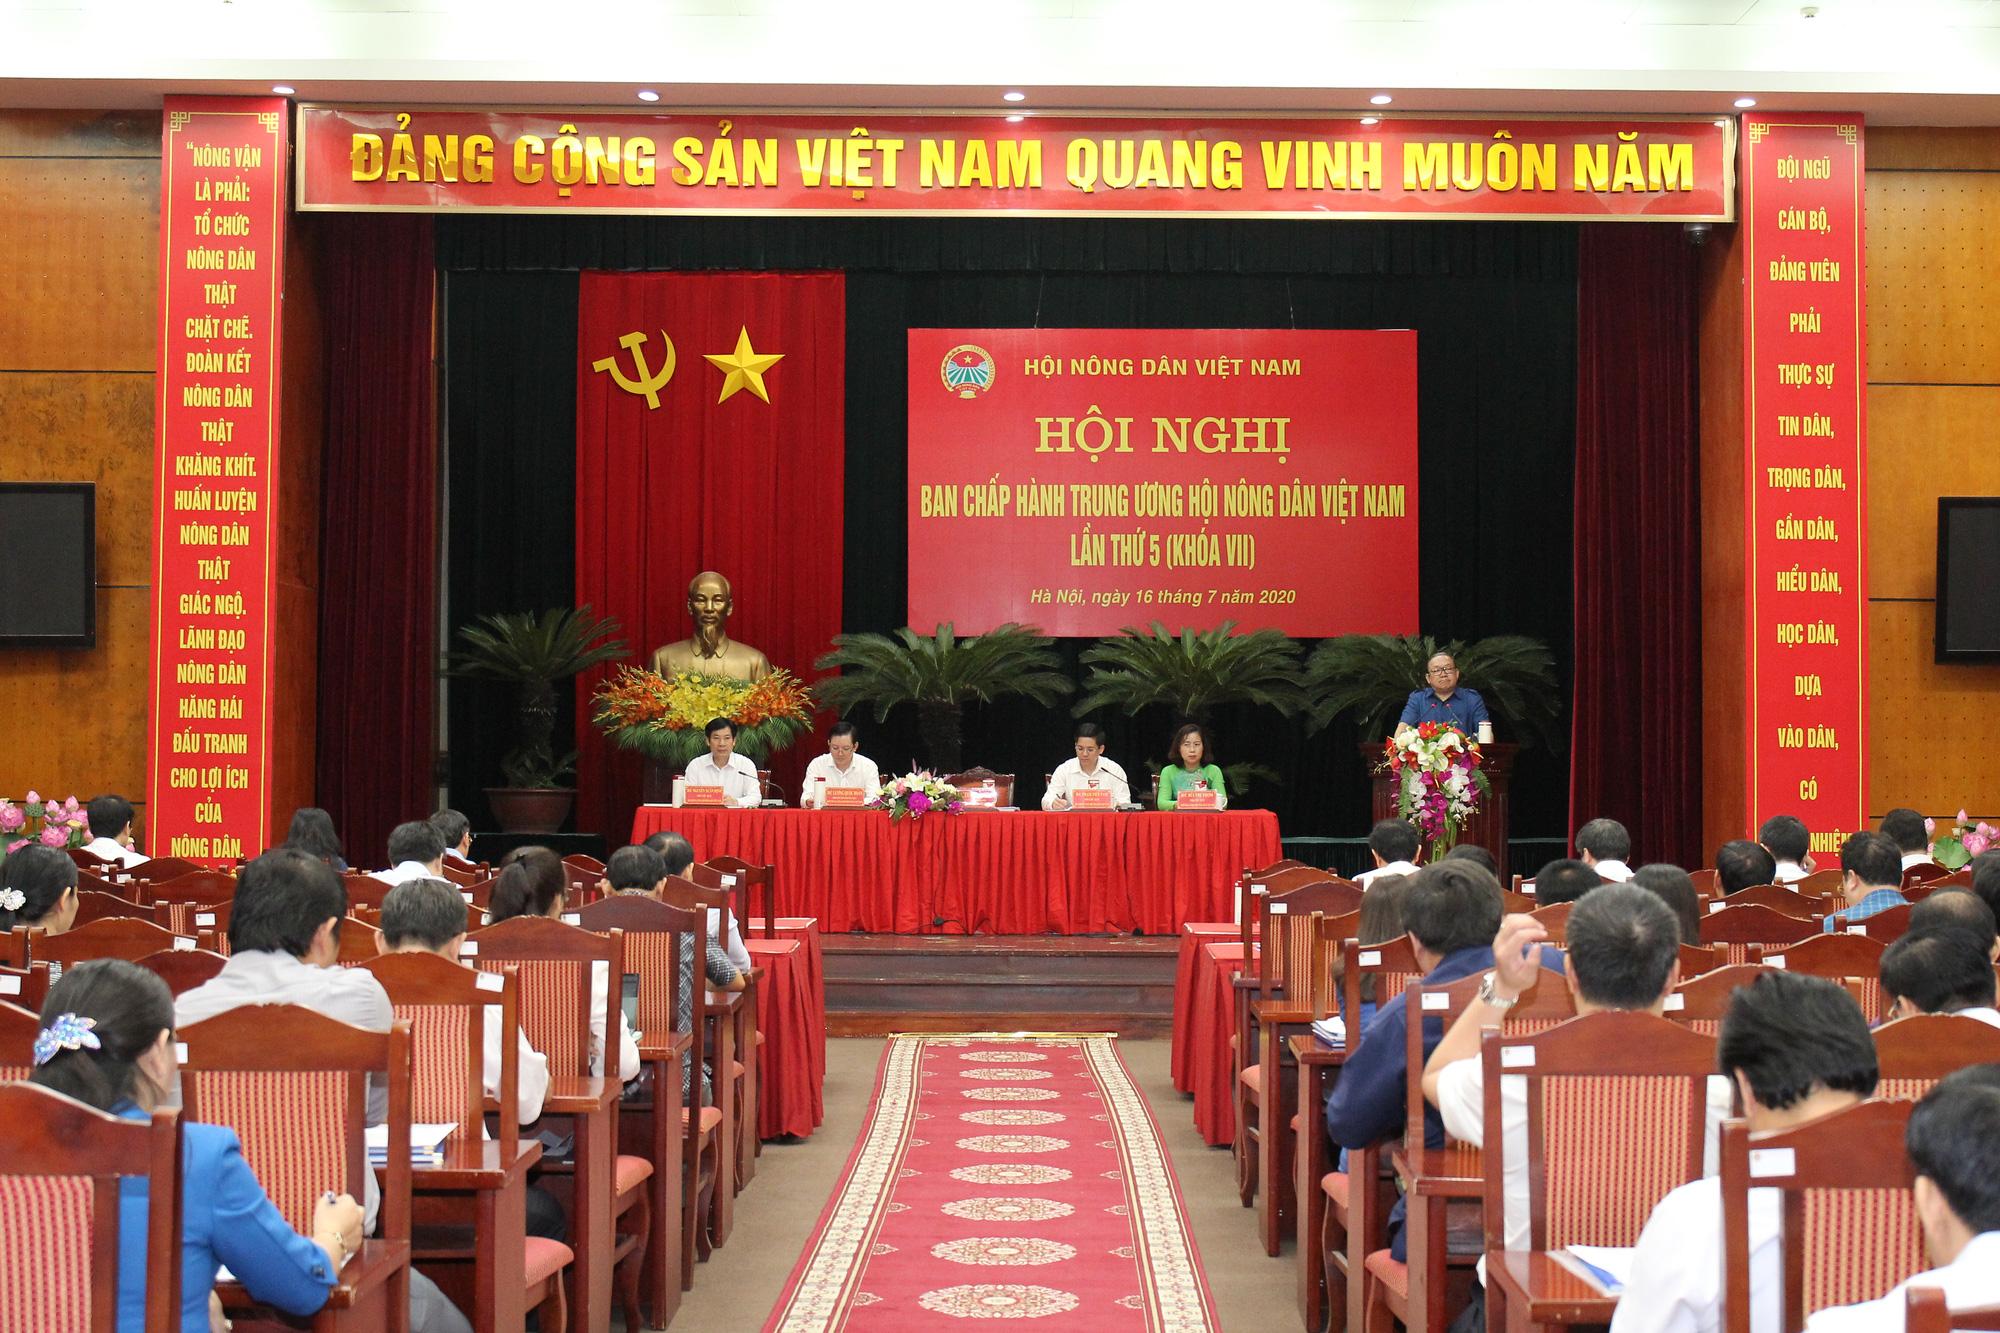 Hội nghị BCH T.Ư Hội NDVN: Tập trung thảo luận 6 vấn đề nóng về nông nghiệp, nông dân, nông thôn - Ảnh 2.